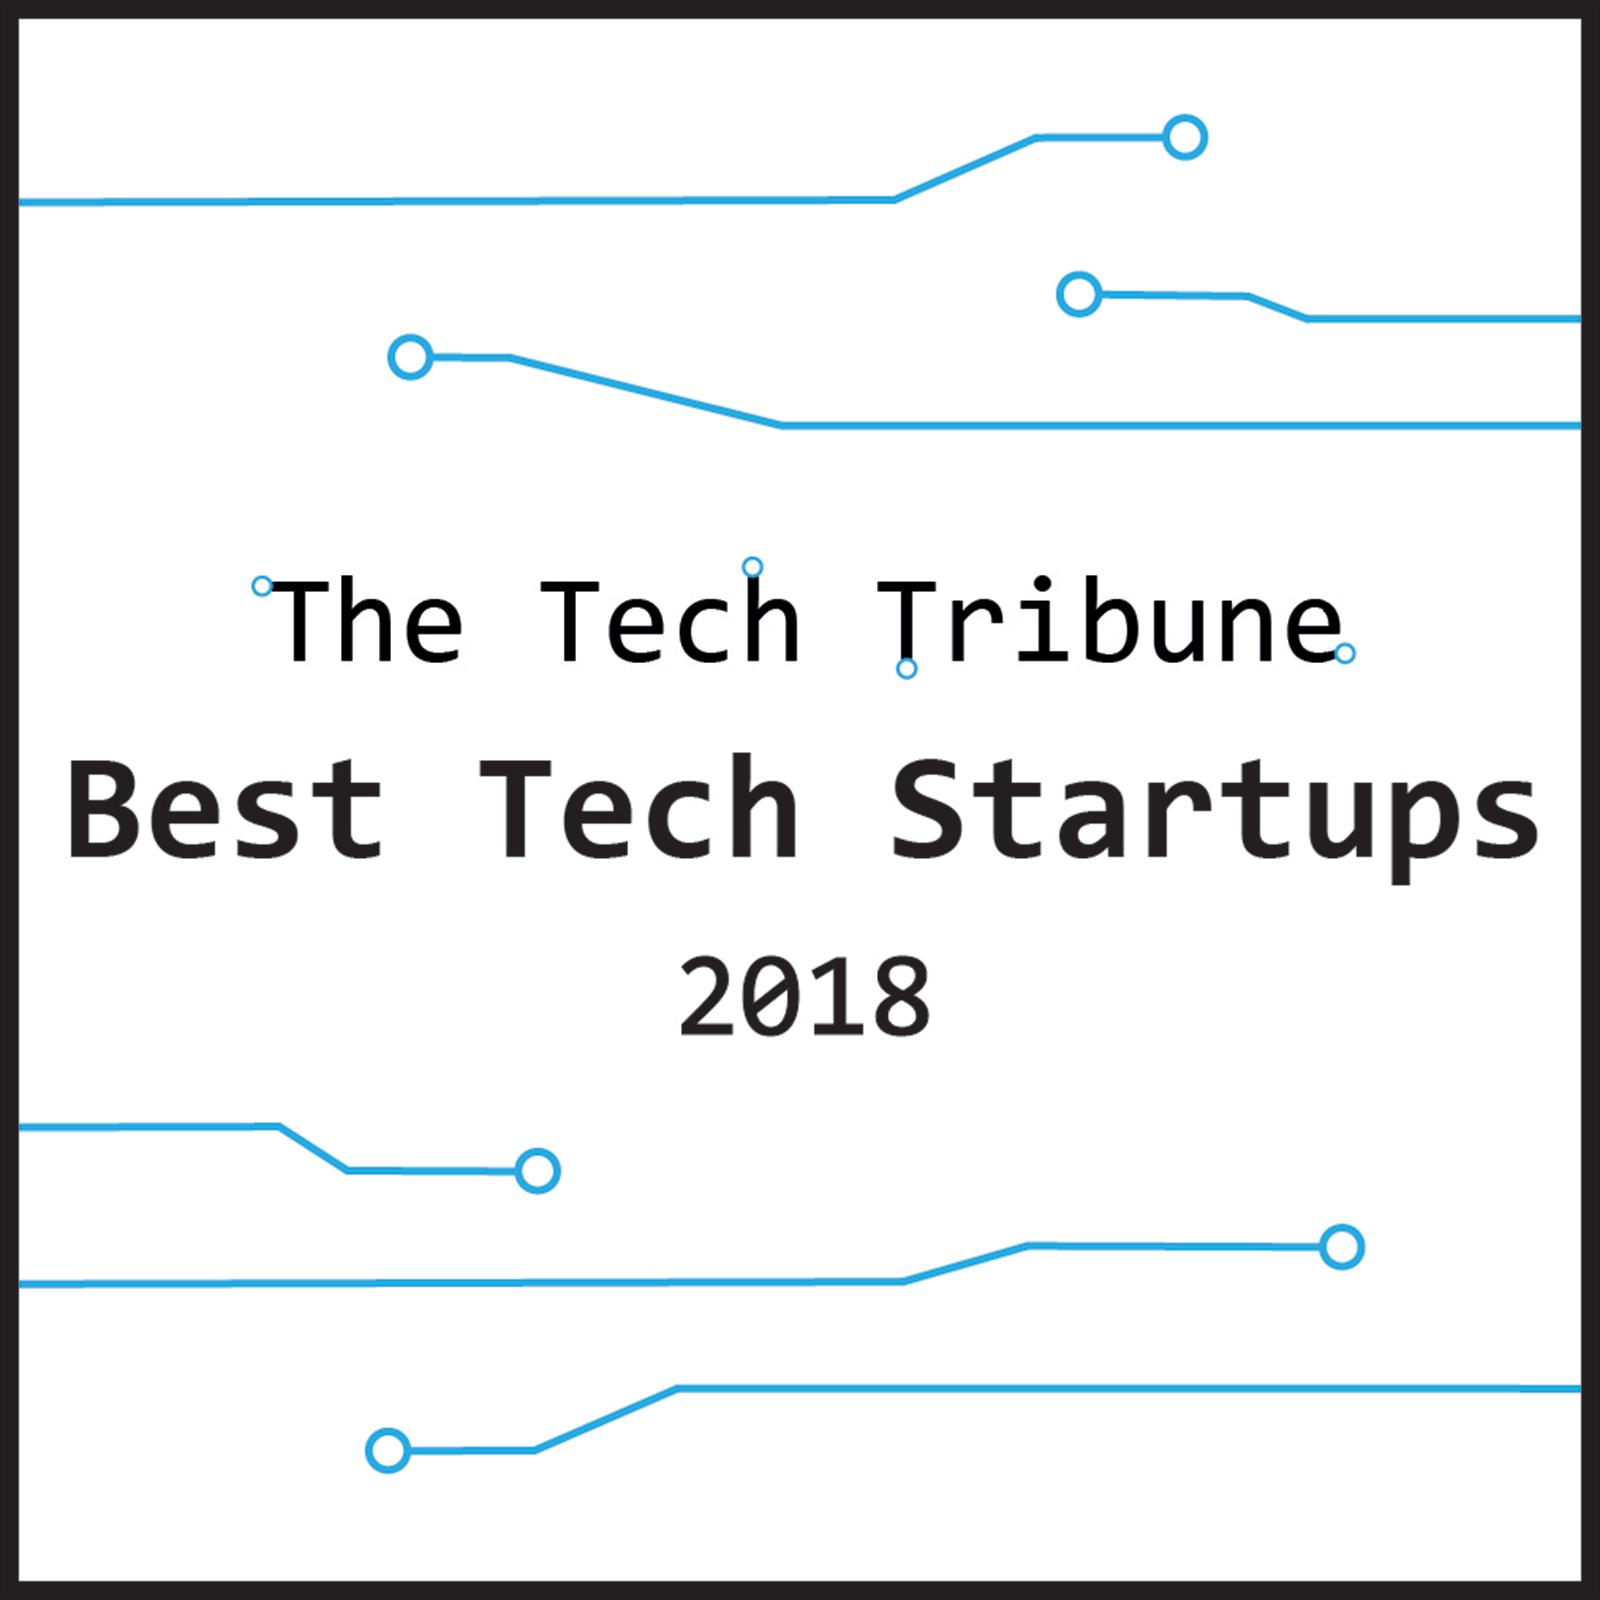 Best Tech Startup 2018